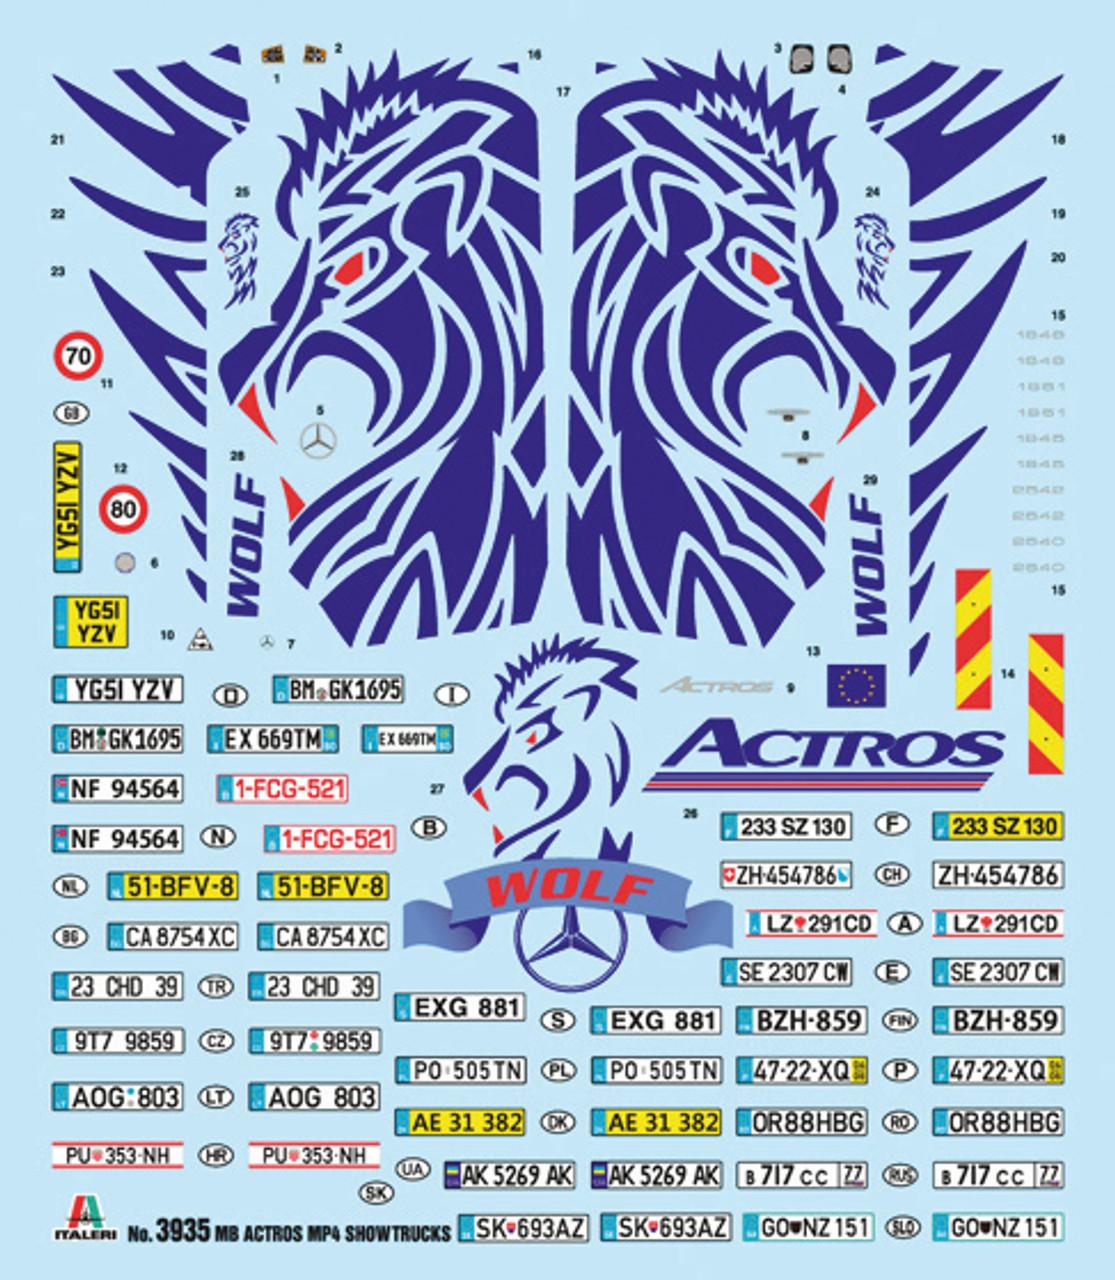 Italeri 1:24 3935 Mercedes-Benz ACTROS MP4 Giga Space Showtruck